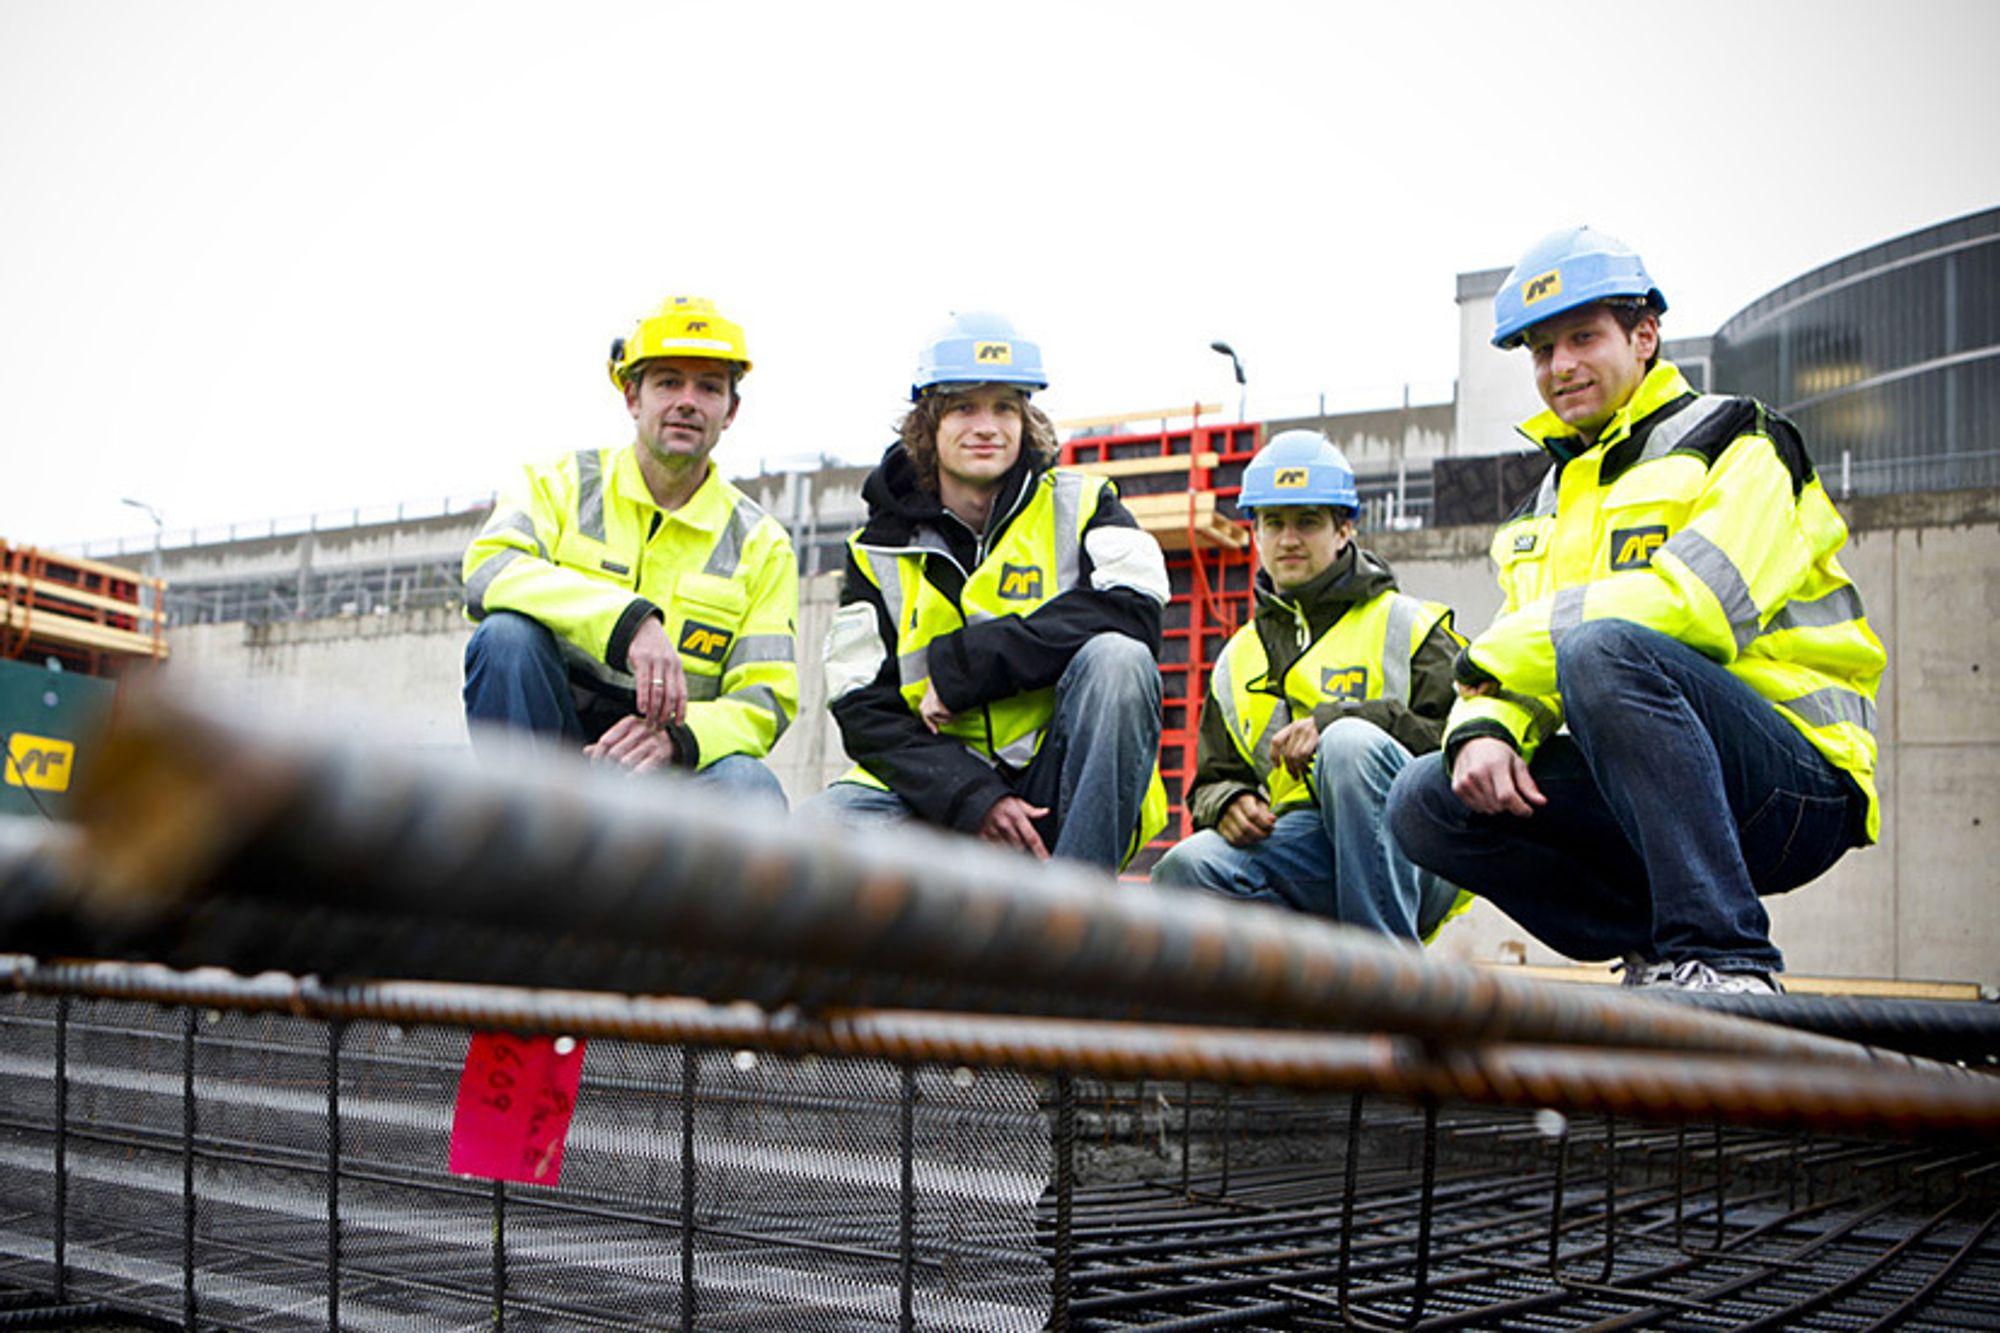 STUDERER ARMERING: Glenn Stigen i AF-gruppen (fra venstre) ser positivt på at studentene Torje Torgersen, Øystein Liborg og Ole Fredrik Kleivene interesserer seg for å optimalisere bruken av armeringsjern.